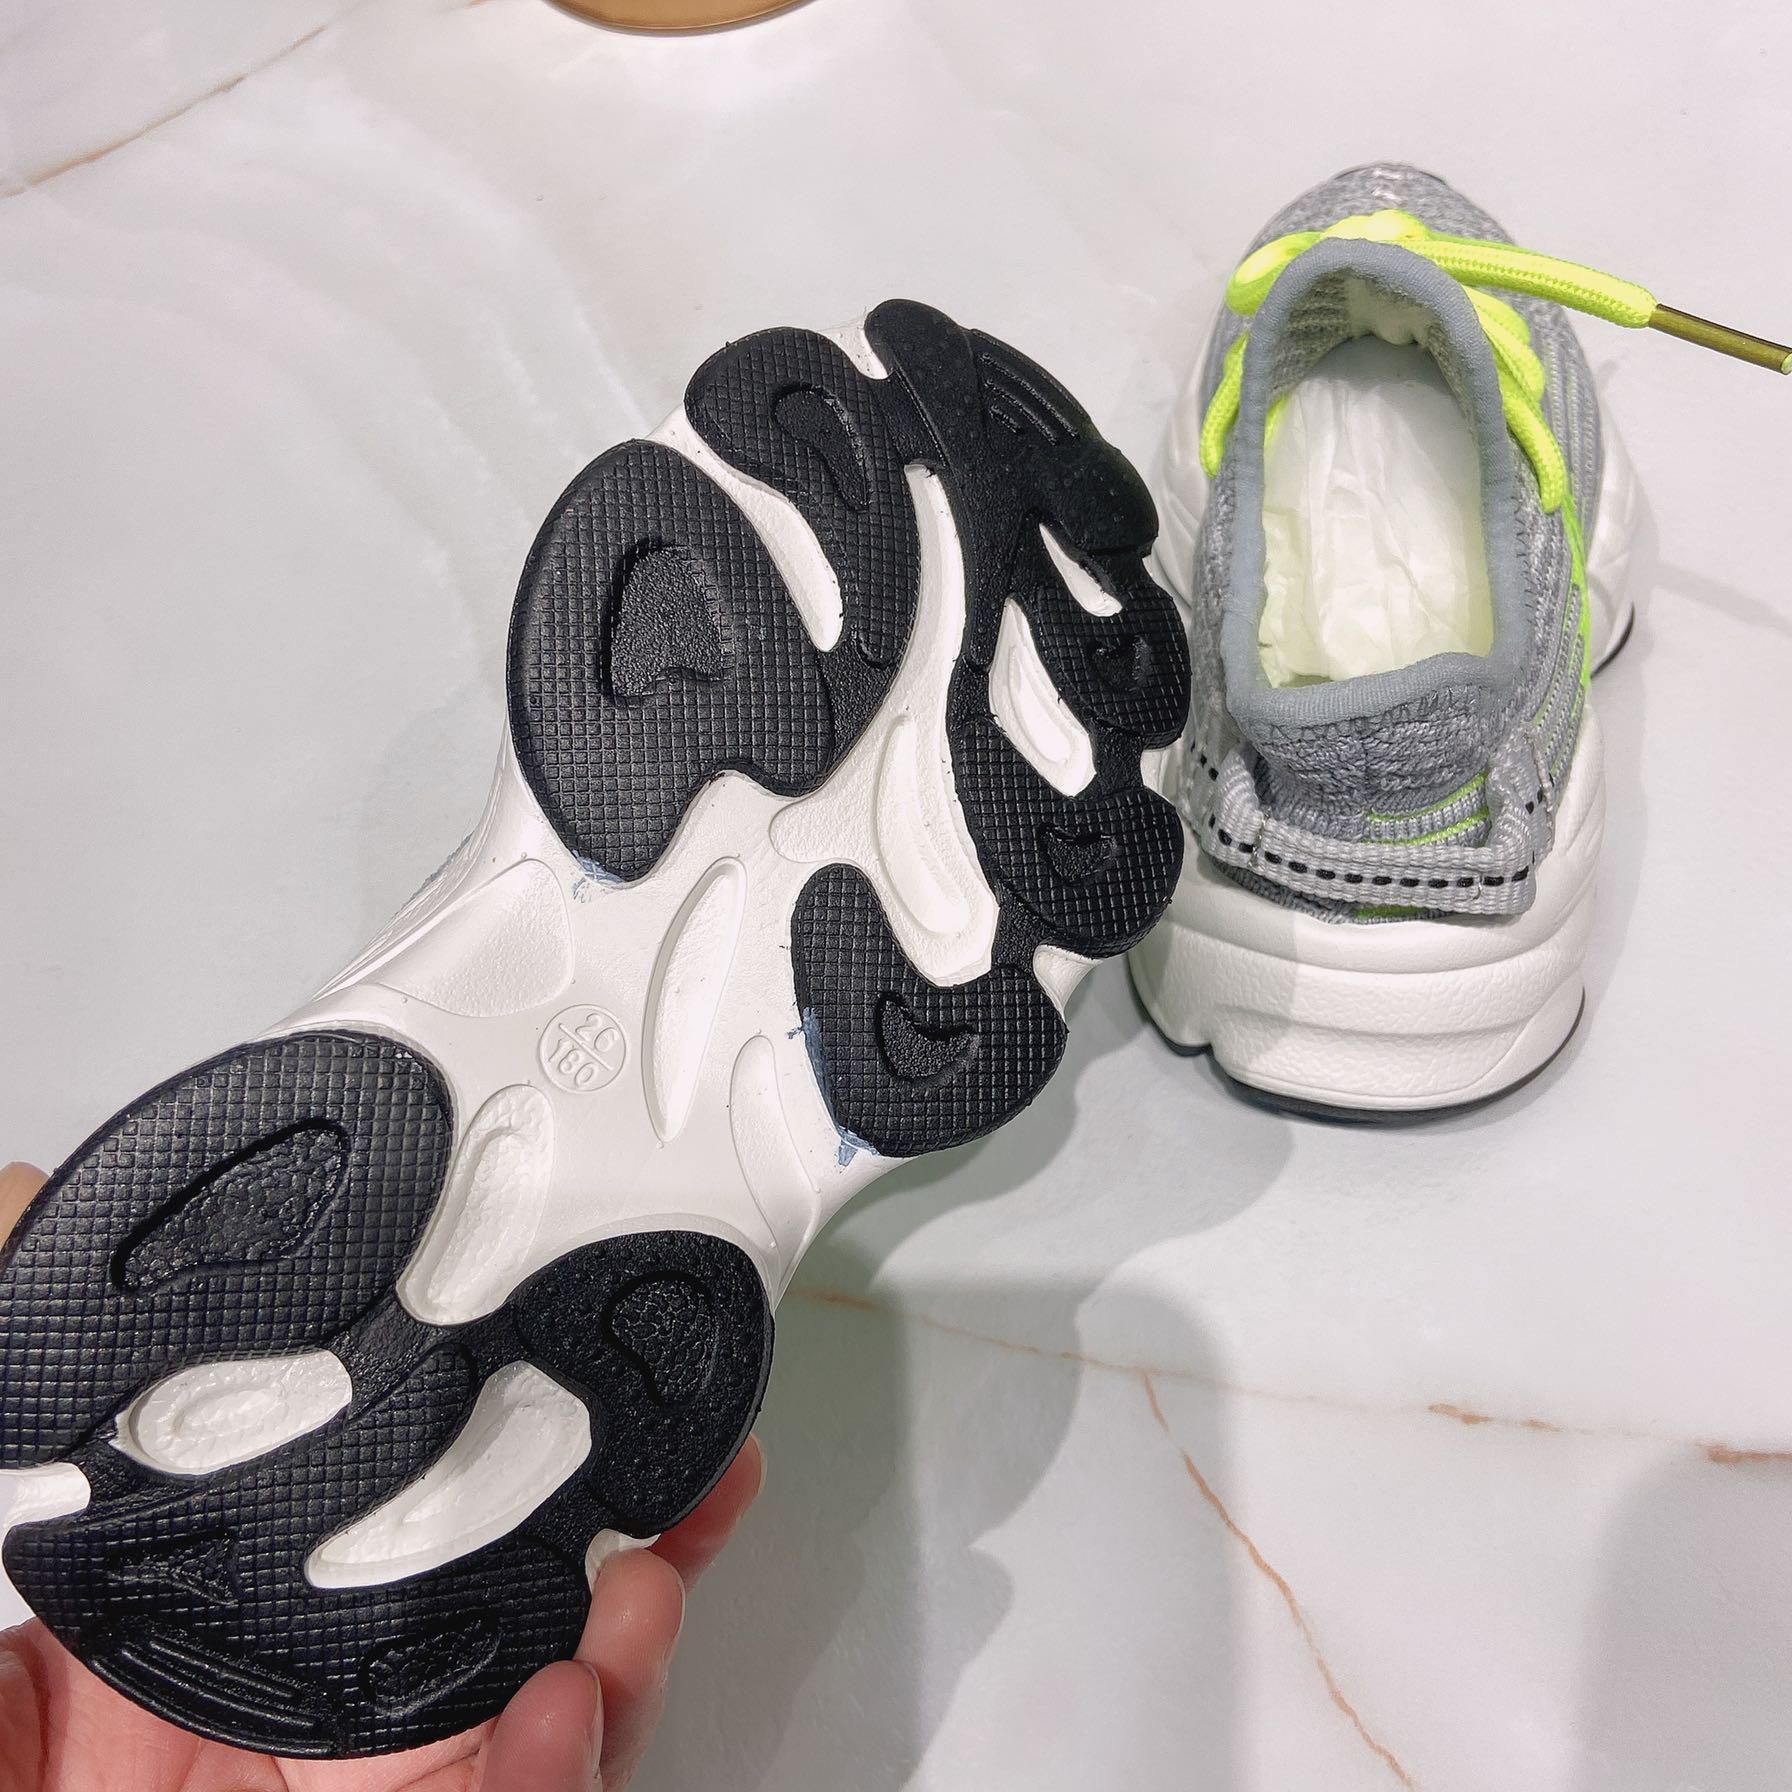 春秋男女中大童椰子鞋透气超轻学生跑鞋运动鞋老爹鞋童鞋 A988 A10